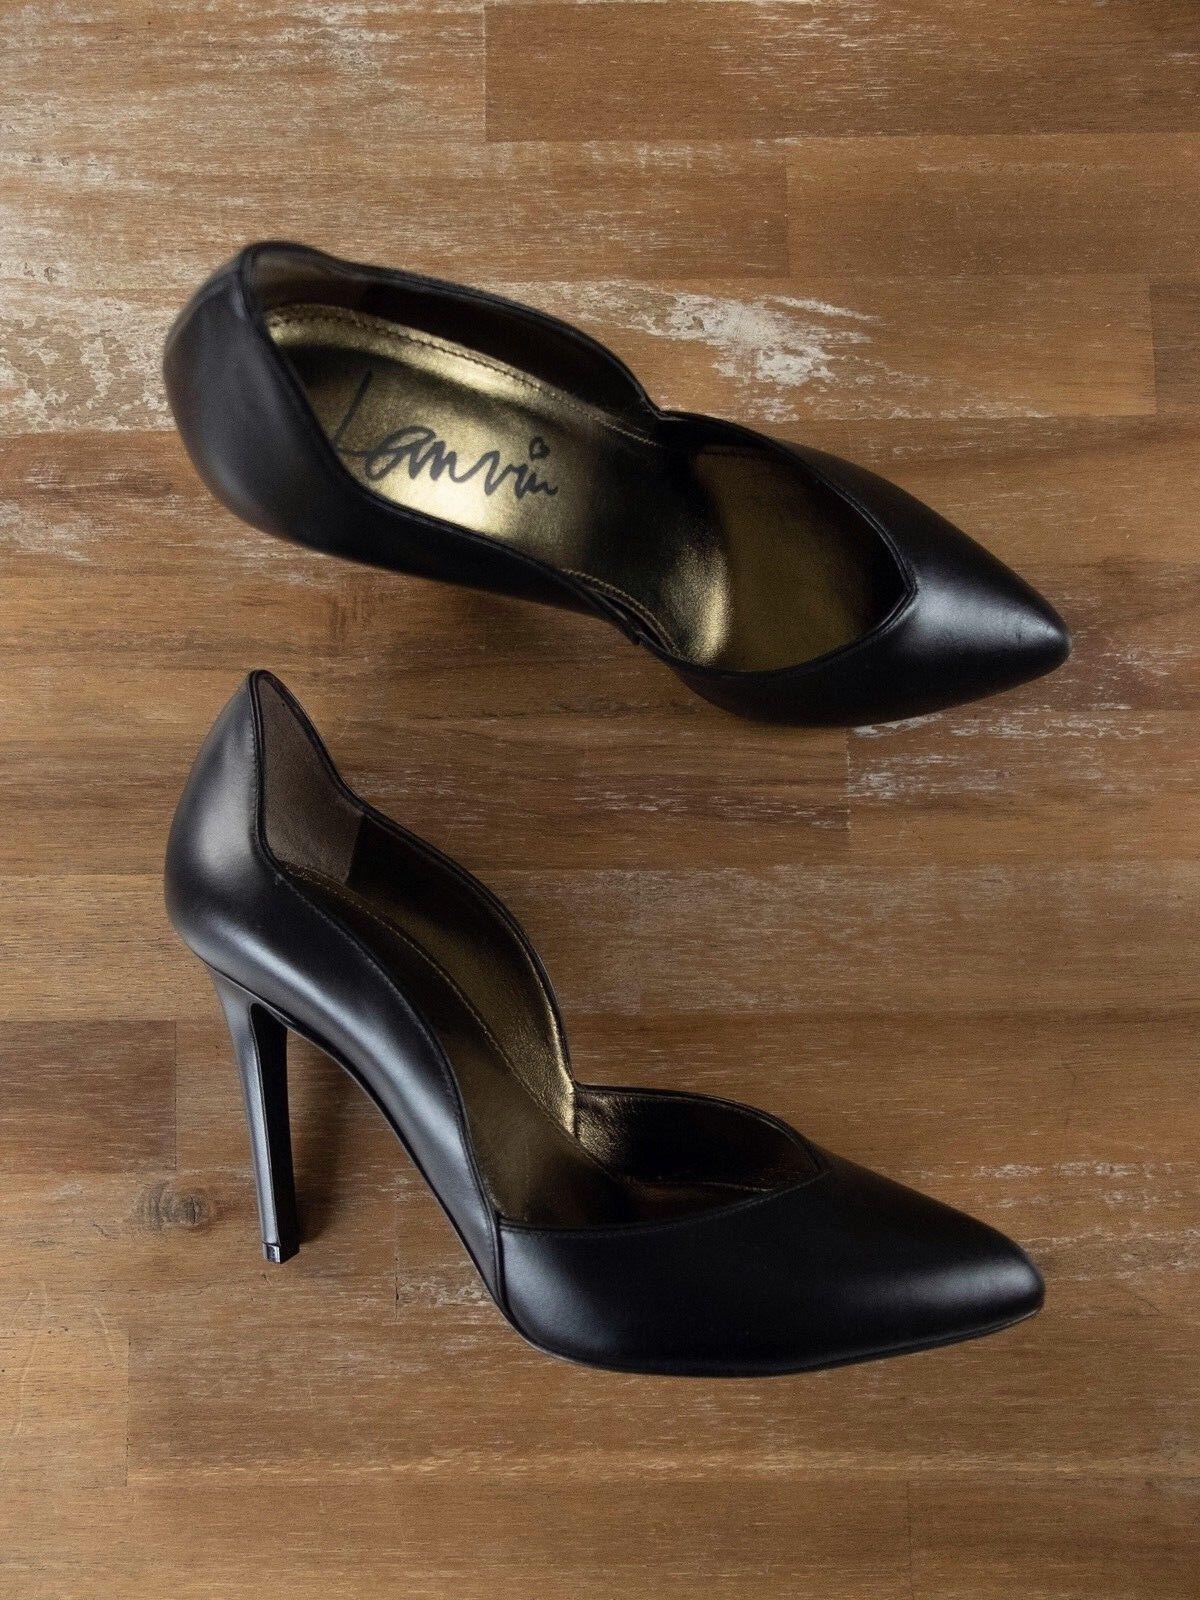 LANVIN -skor med med med svart läder är autentiska - Storlek 7.5 US   39.5 FR   38.5 EU  billig butik